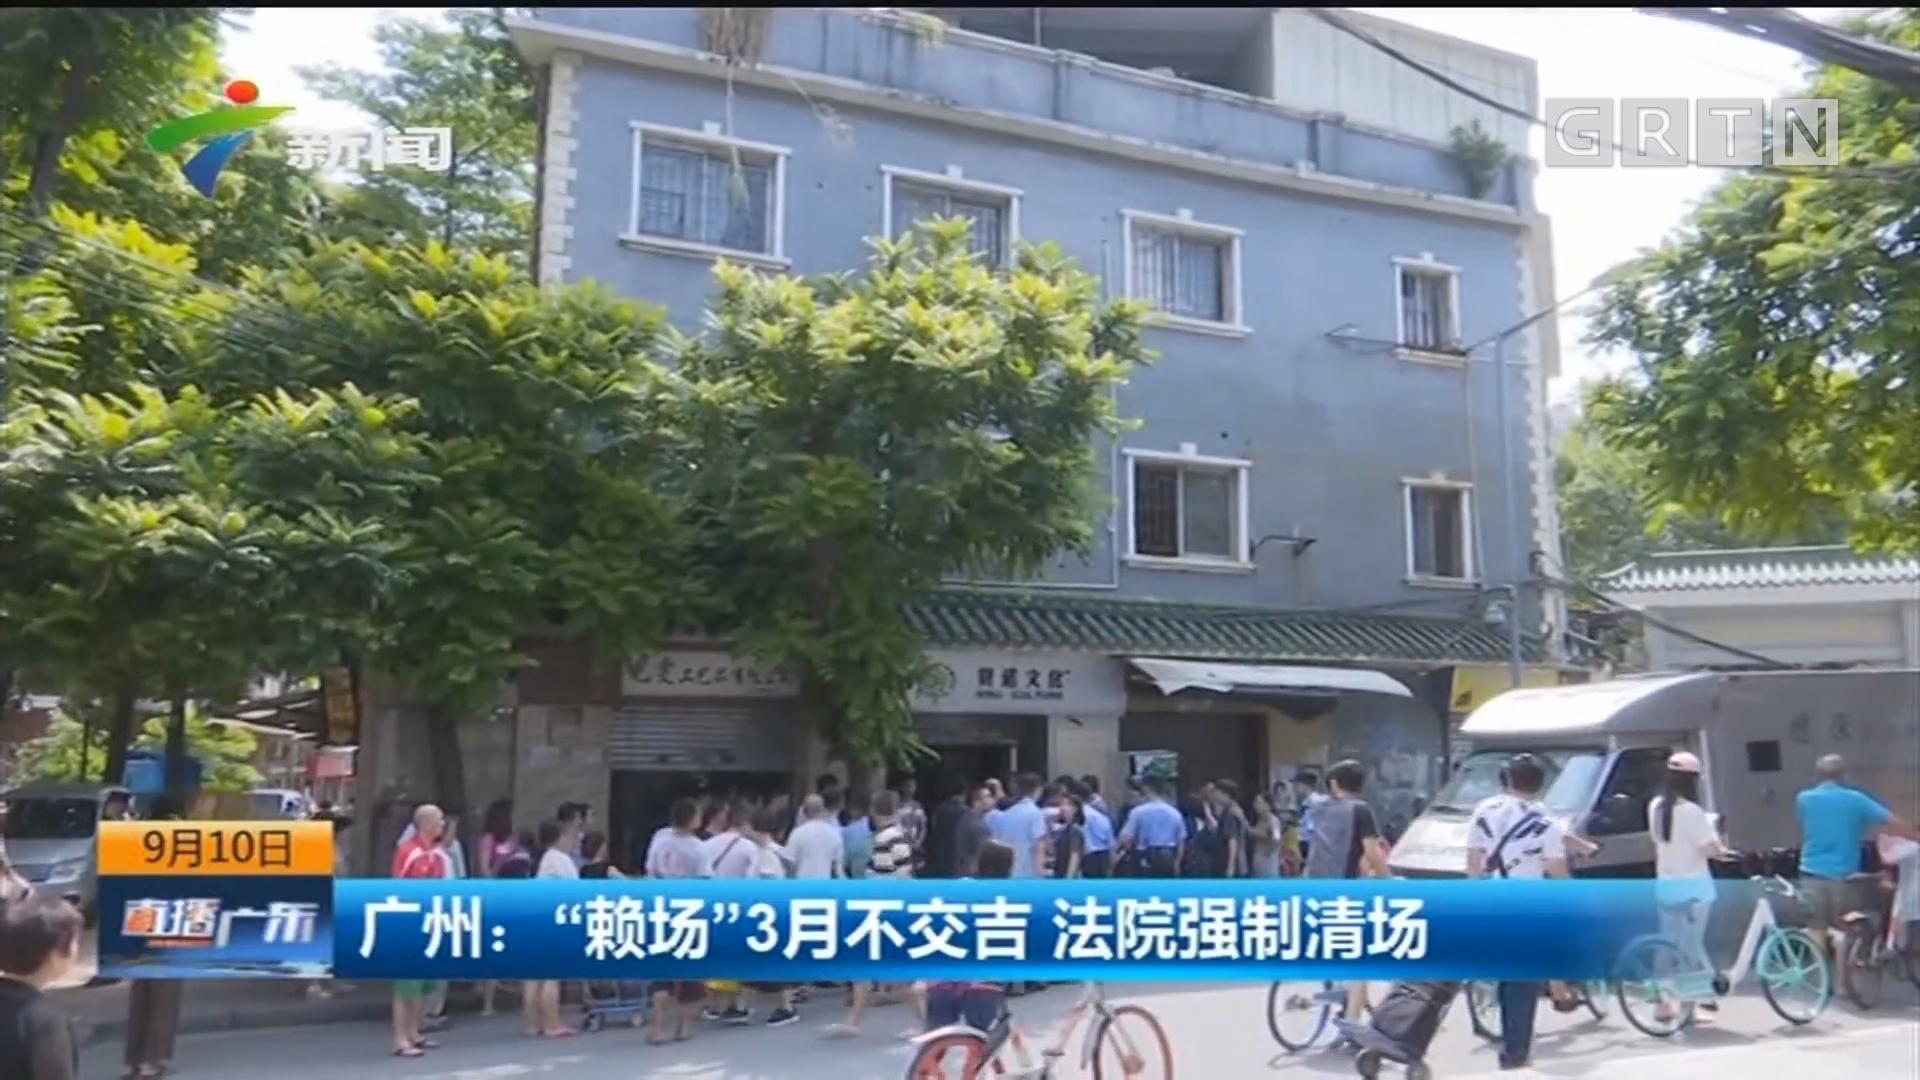 """广州:""""赖场""""3月不交吉 法院强制清场"""